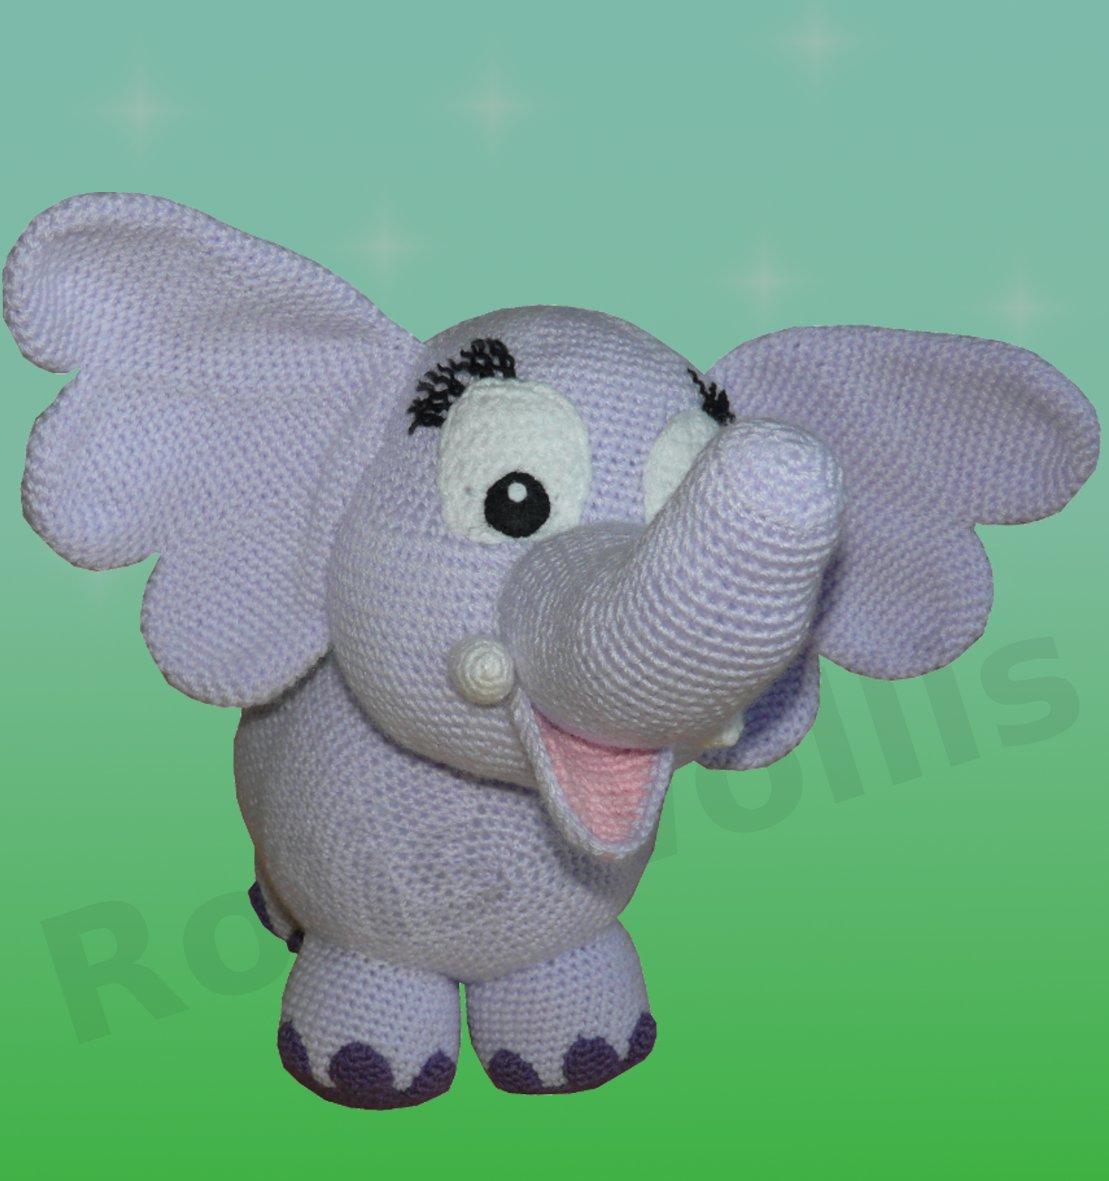 Häkelanleitungen für Tiere und Figuren Häkelanleitung Elfi der Elefant Amigurumi